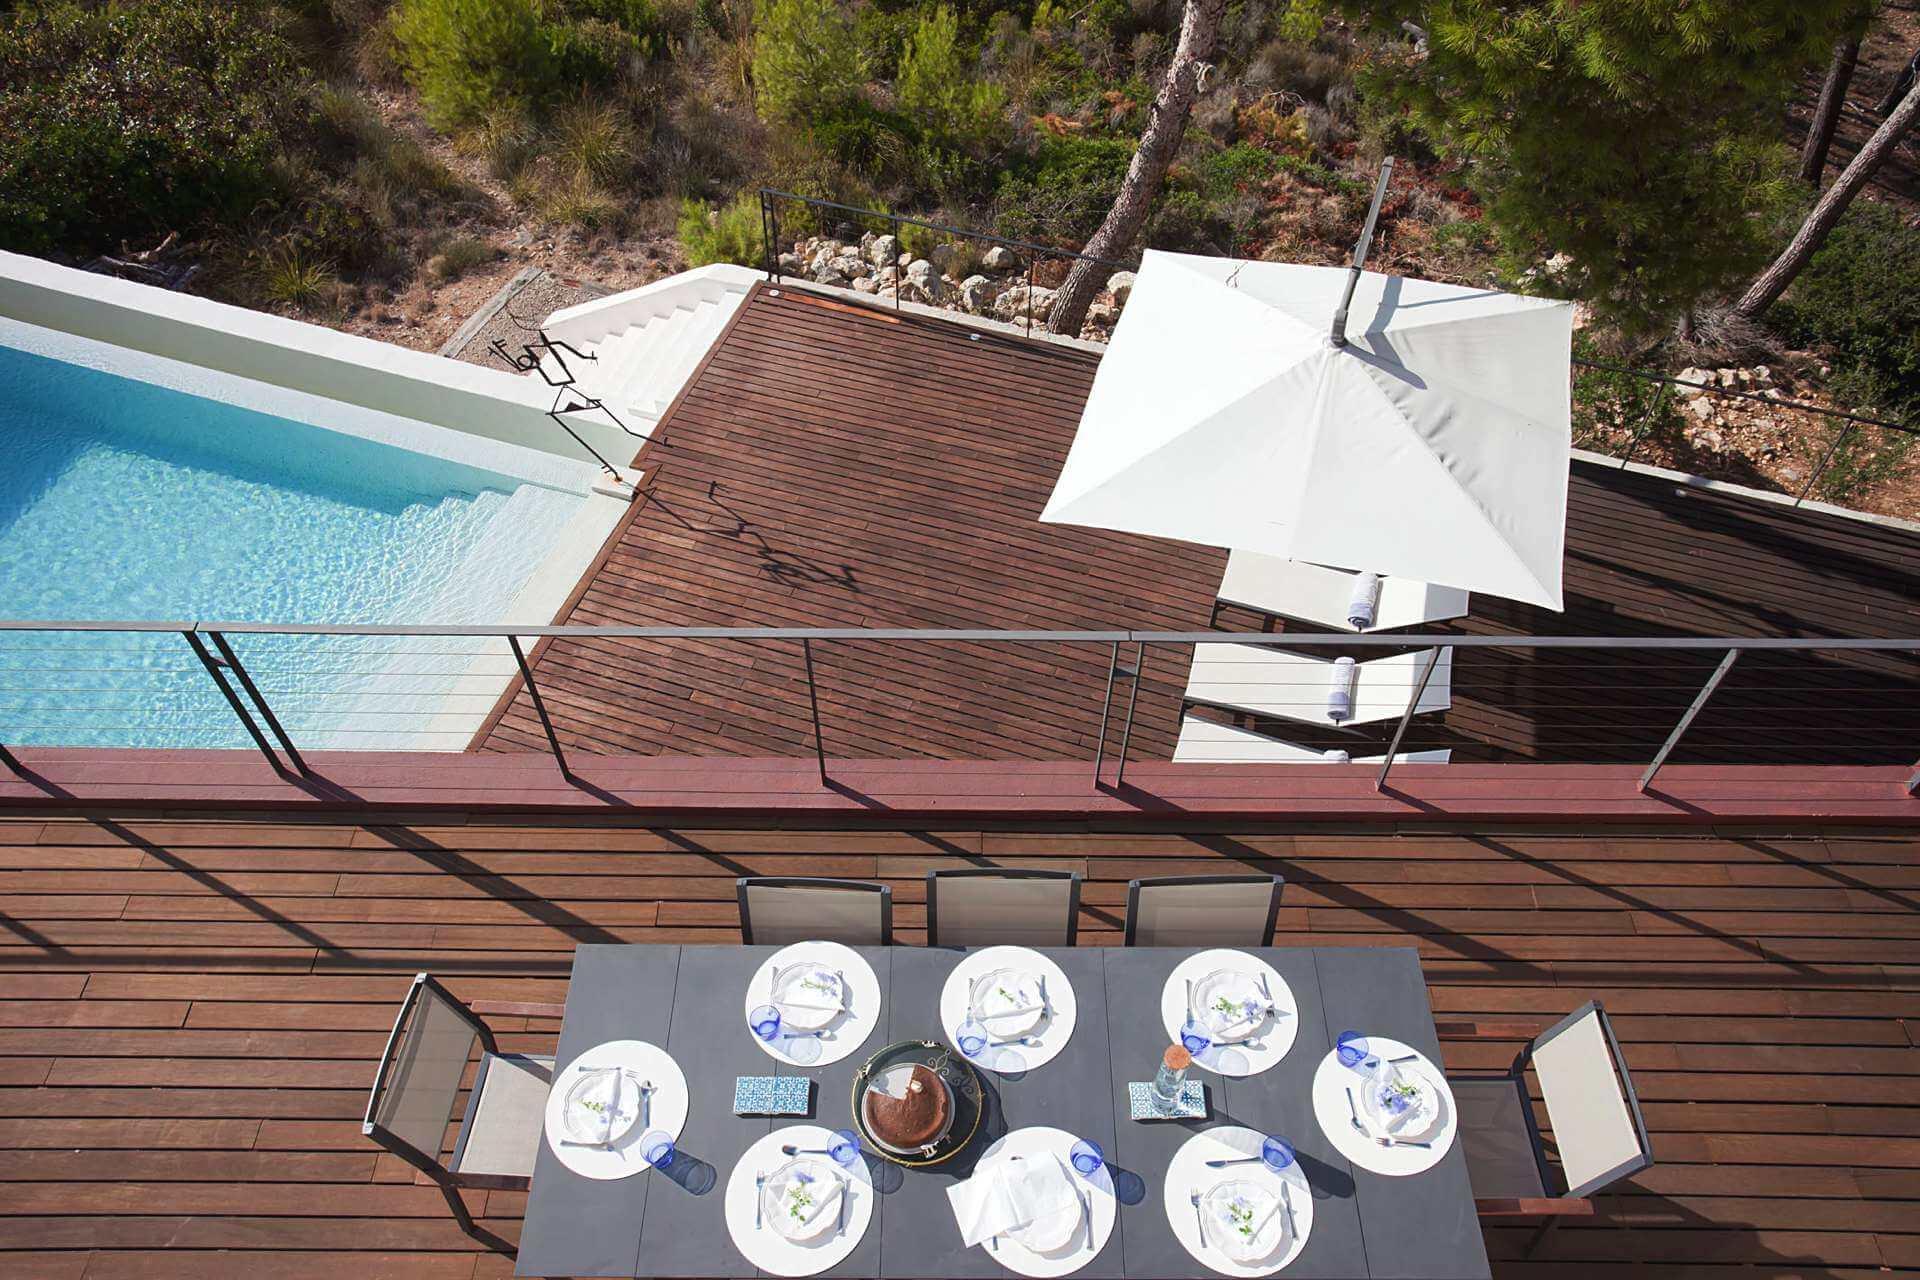 01-332 Sea view Villa Mallorca southwest Bild 12